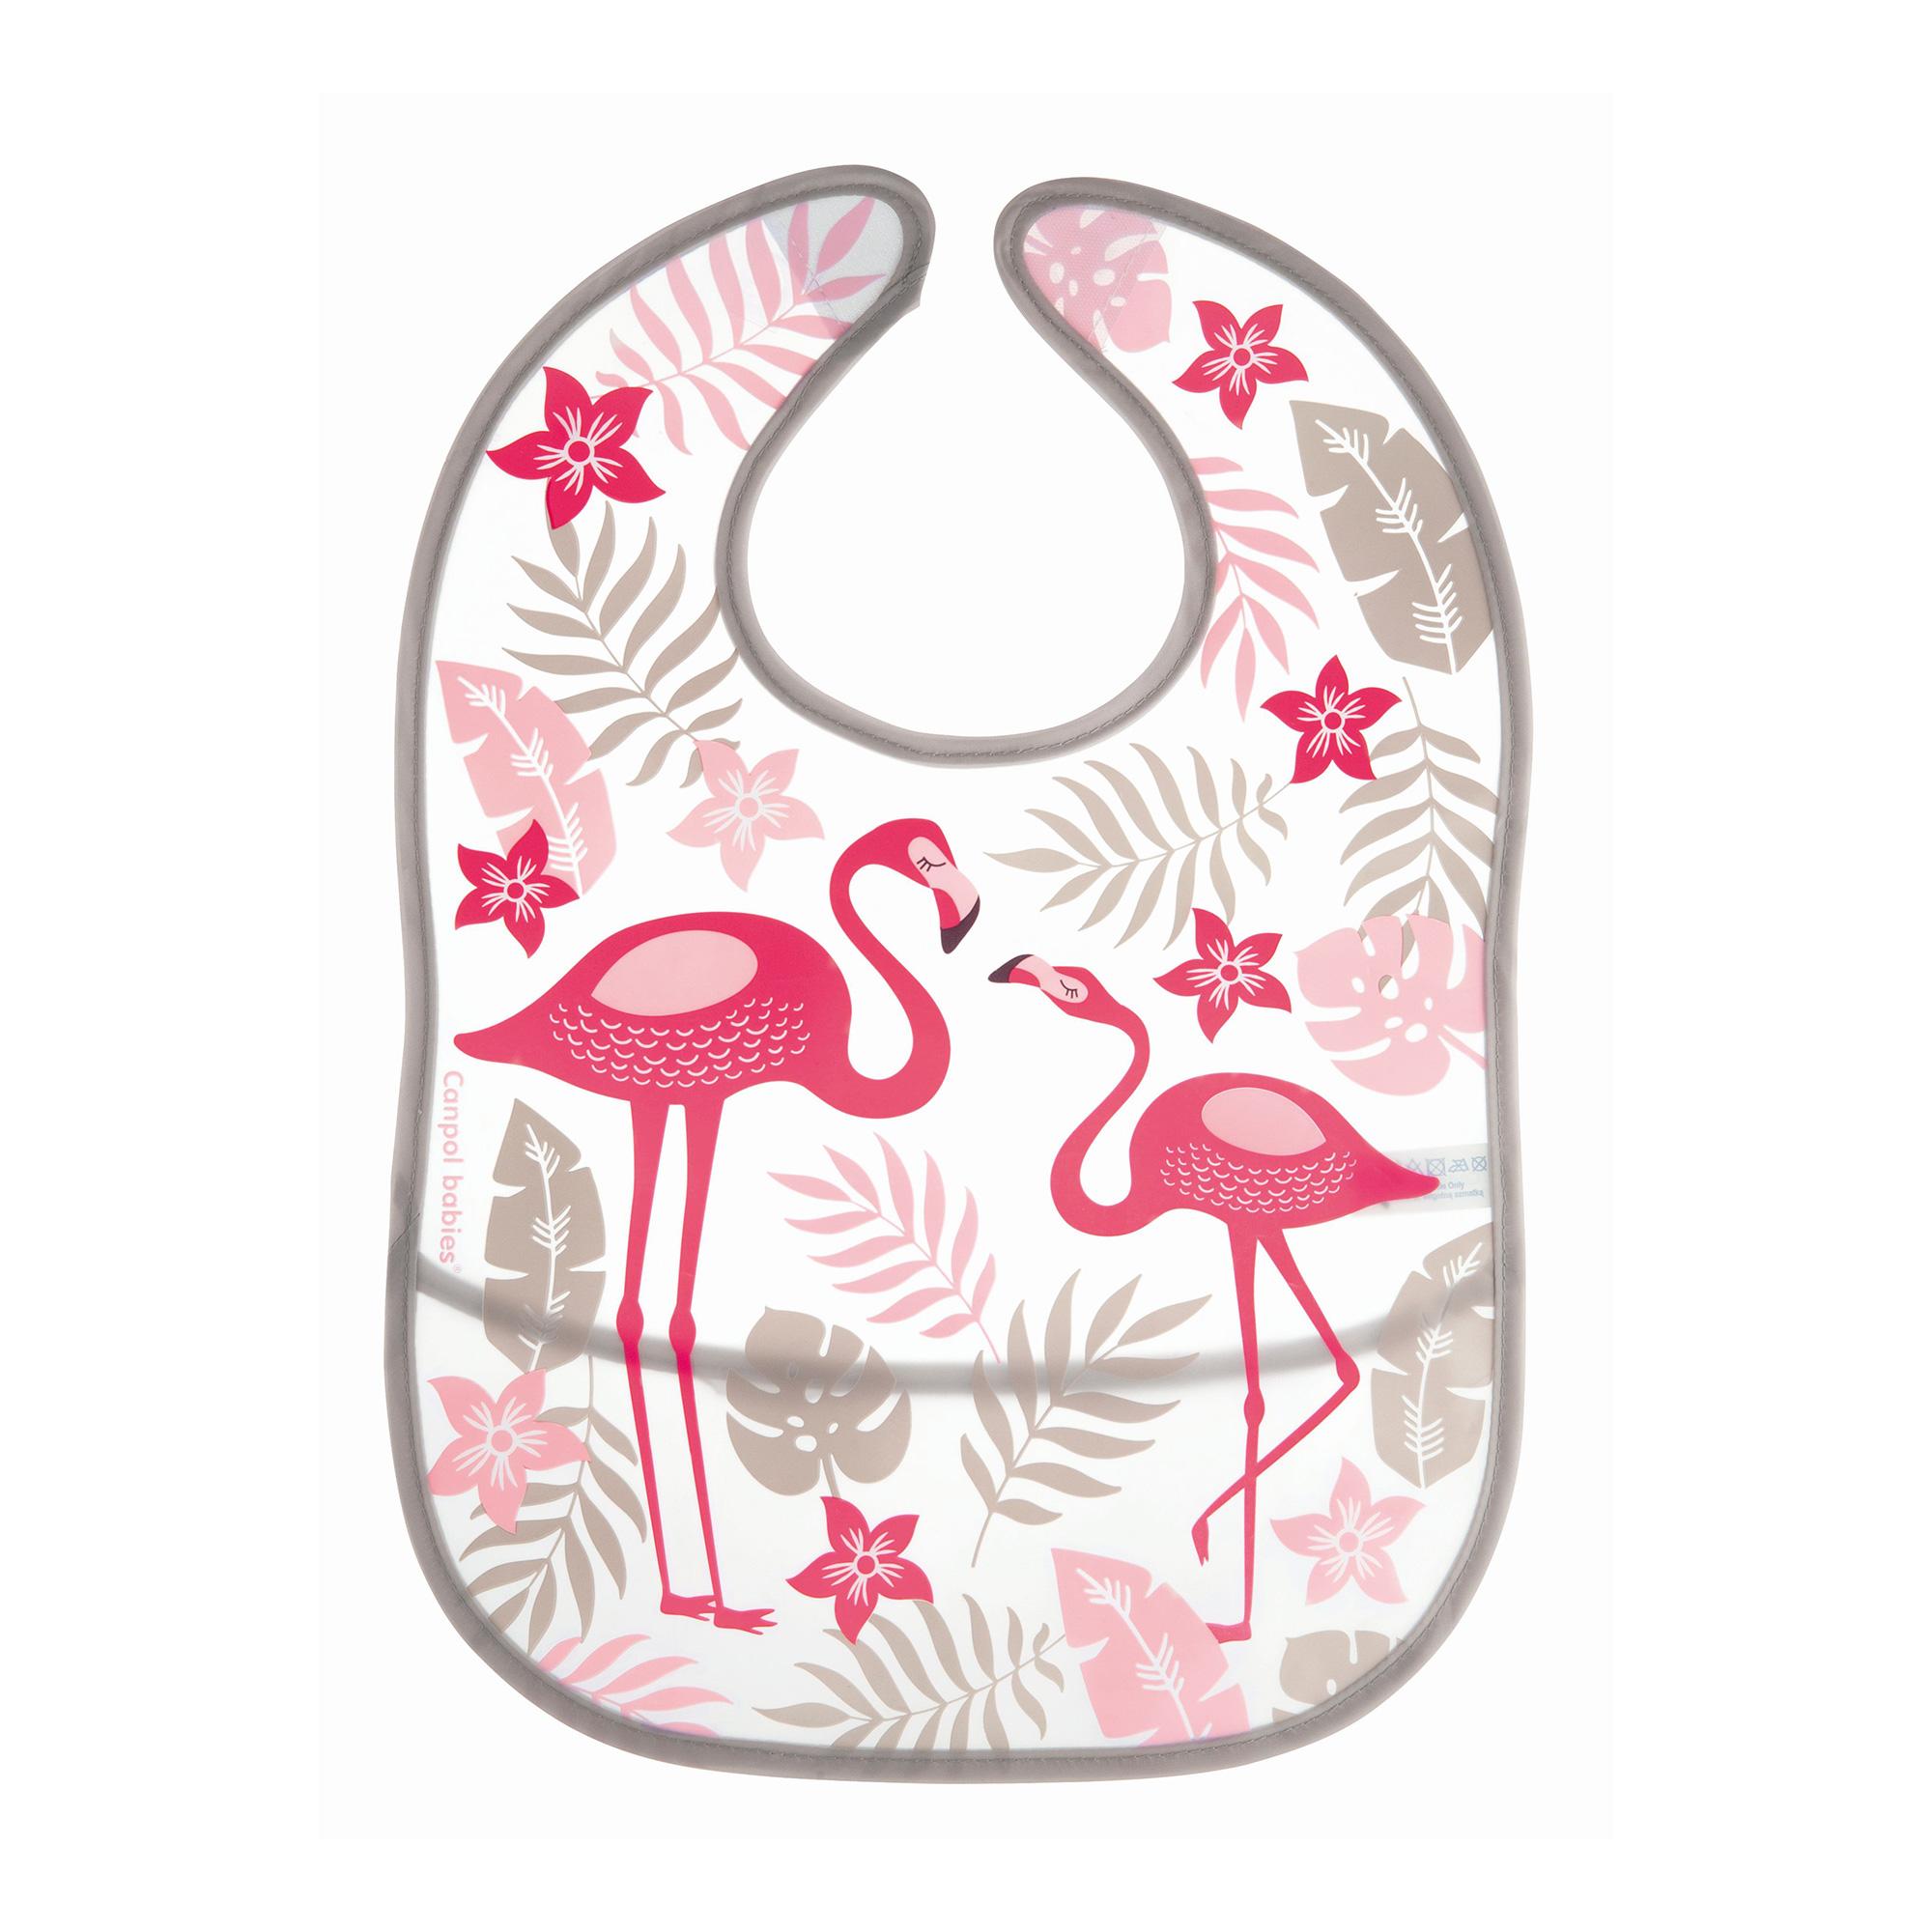 Купить Слюнявчик Canpol babies из кармана Jungle коралловый